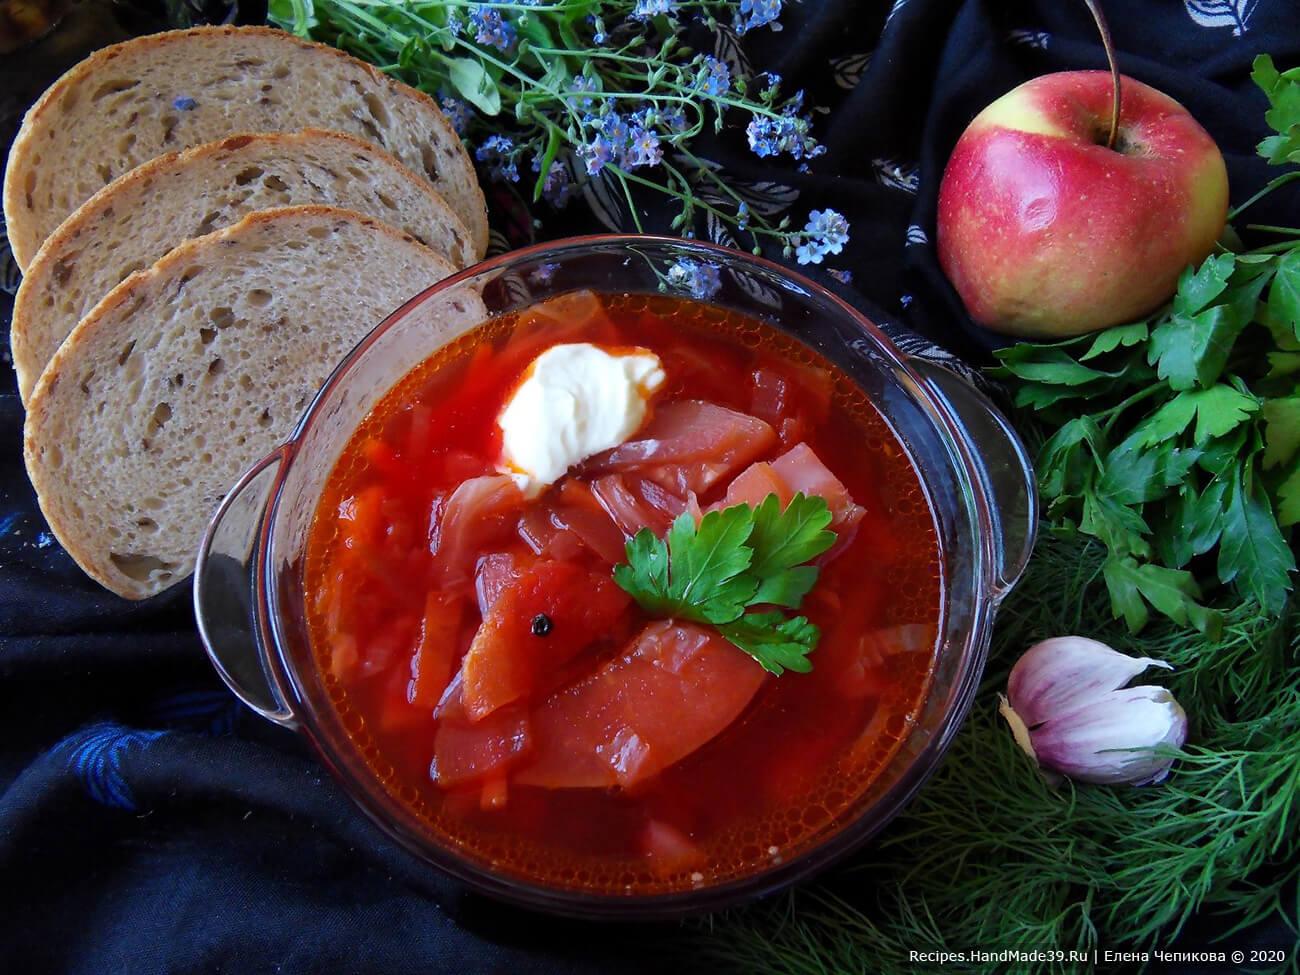 Как приготовить черниговский борщ постный (вегетарианский) с фасолью, кабачком. яблоком – пошаговый рецепт с фото